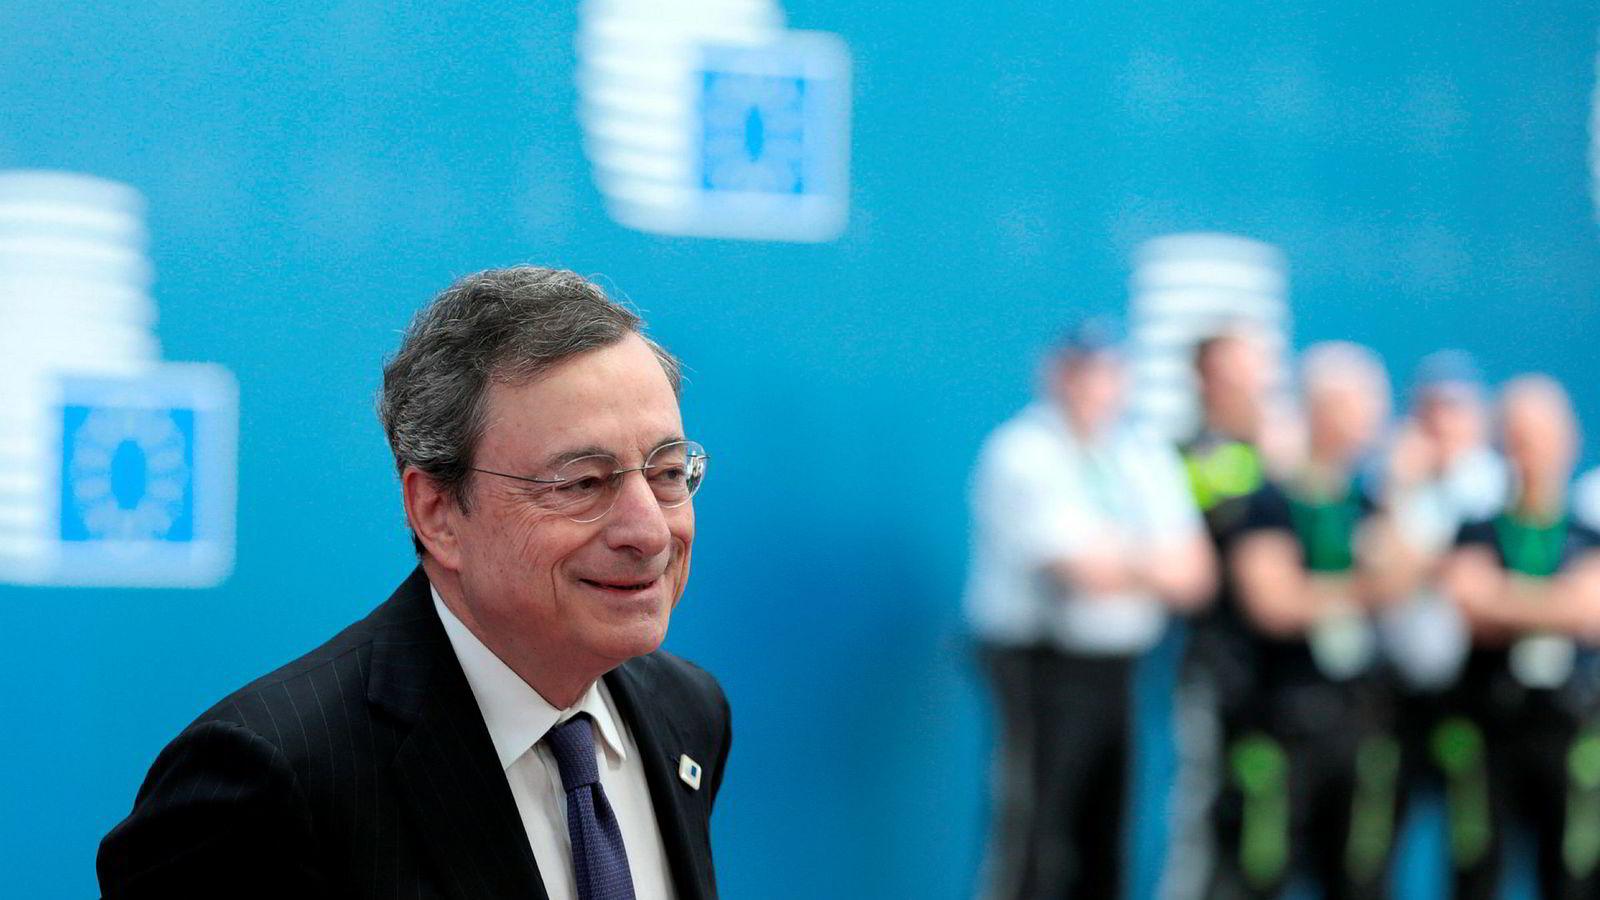 Den europeiske sentralbanksjefen Mario Draghi skal snart gå av, men en av de siste tingene han gjør kan bli å kutte renten.